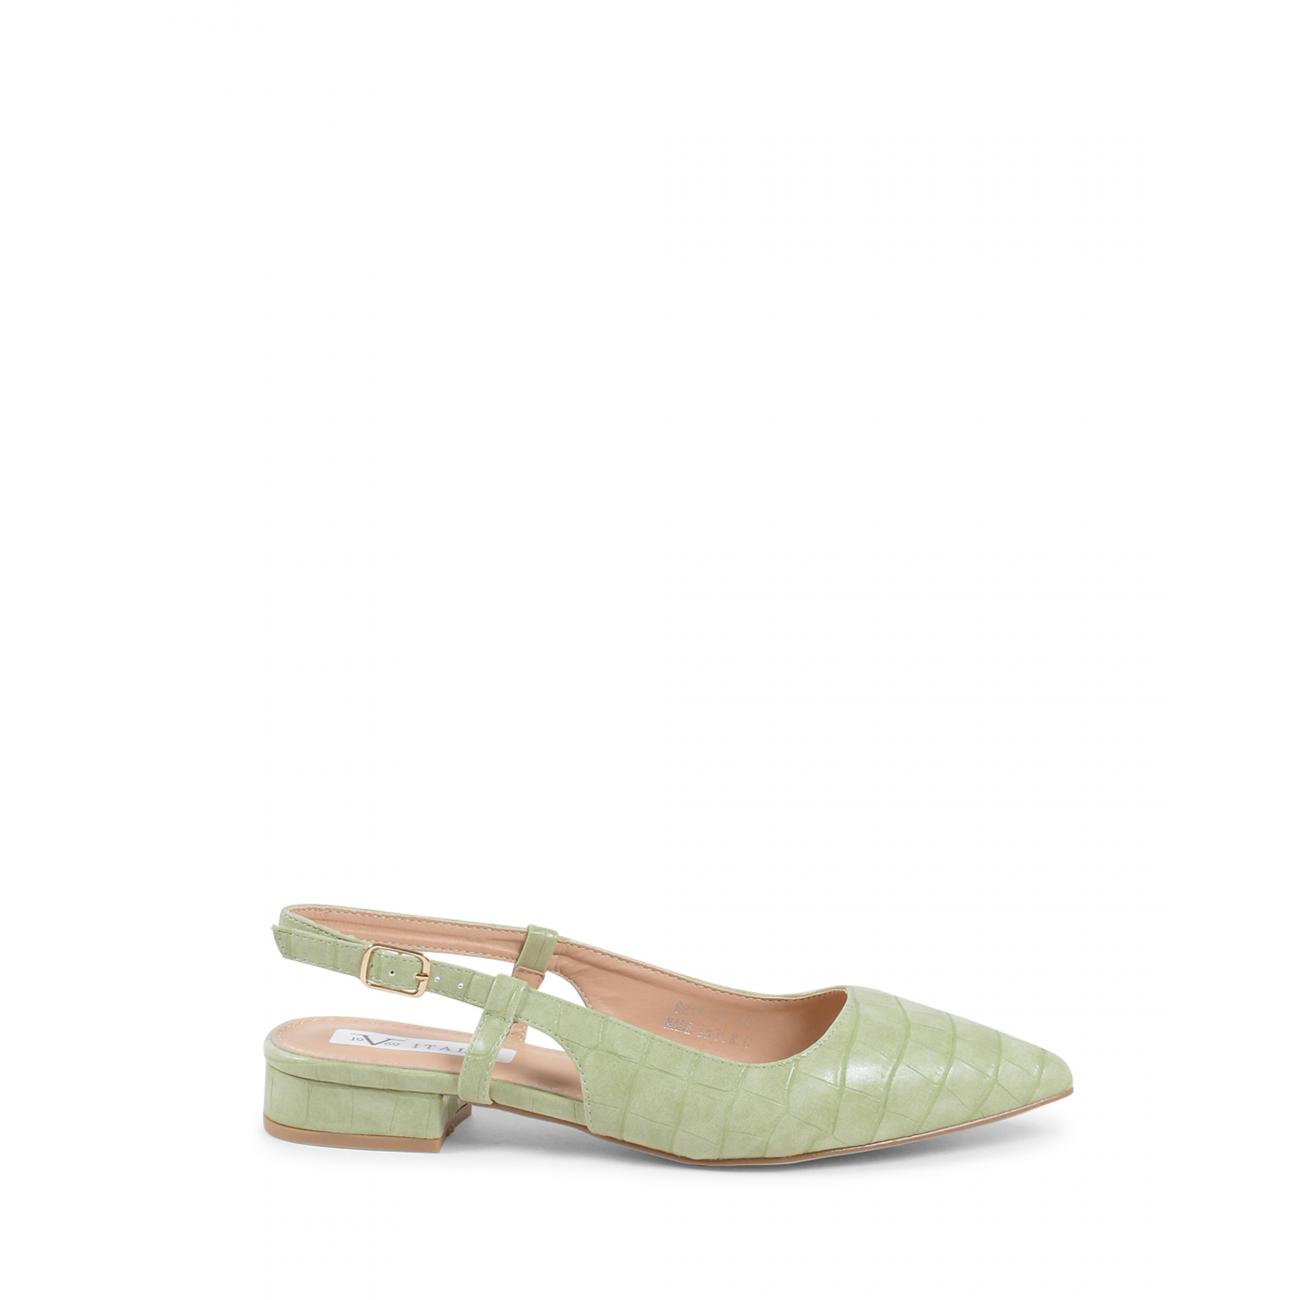 19V69 Italia Women's Slingback Ballerina Green V81831 GREEN